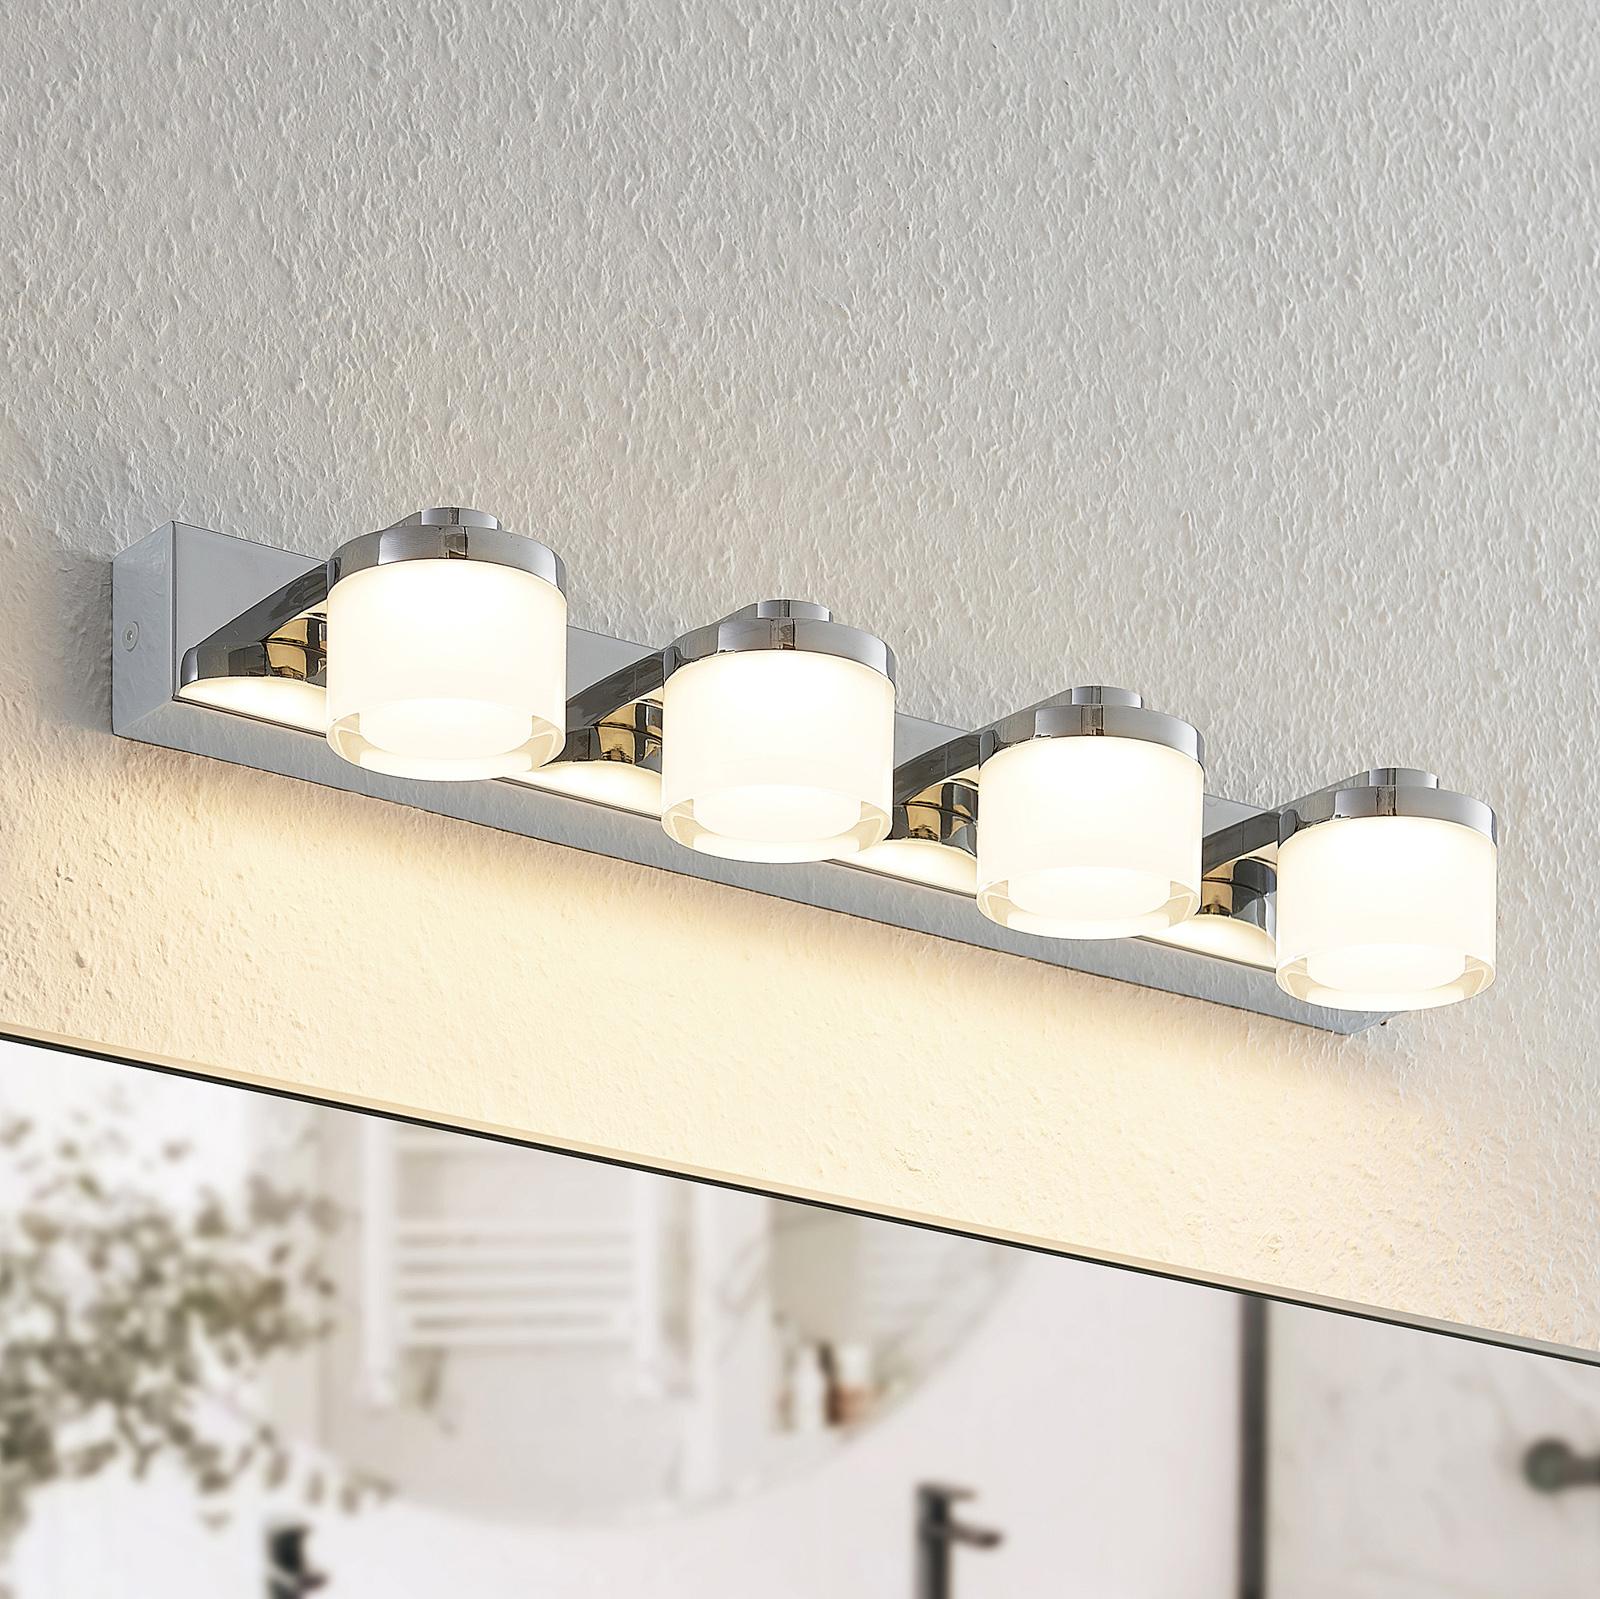 Arcchio Kejan LED-væglampe, IP44, 4 lyskilder